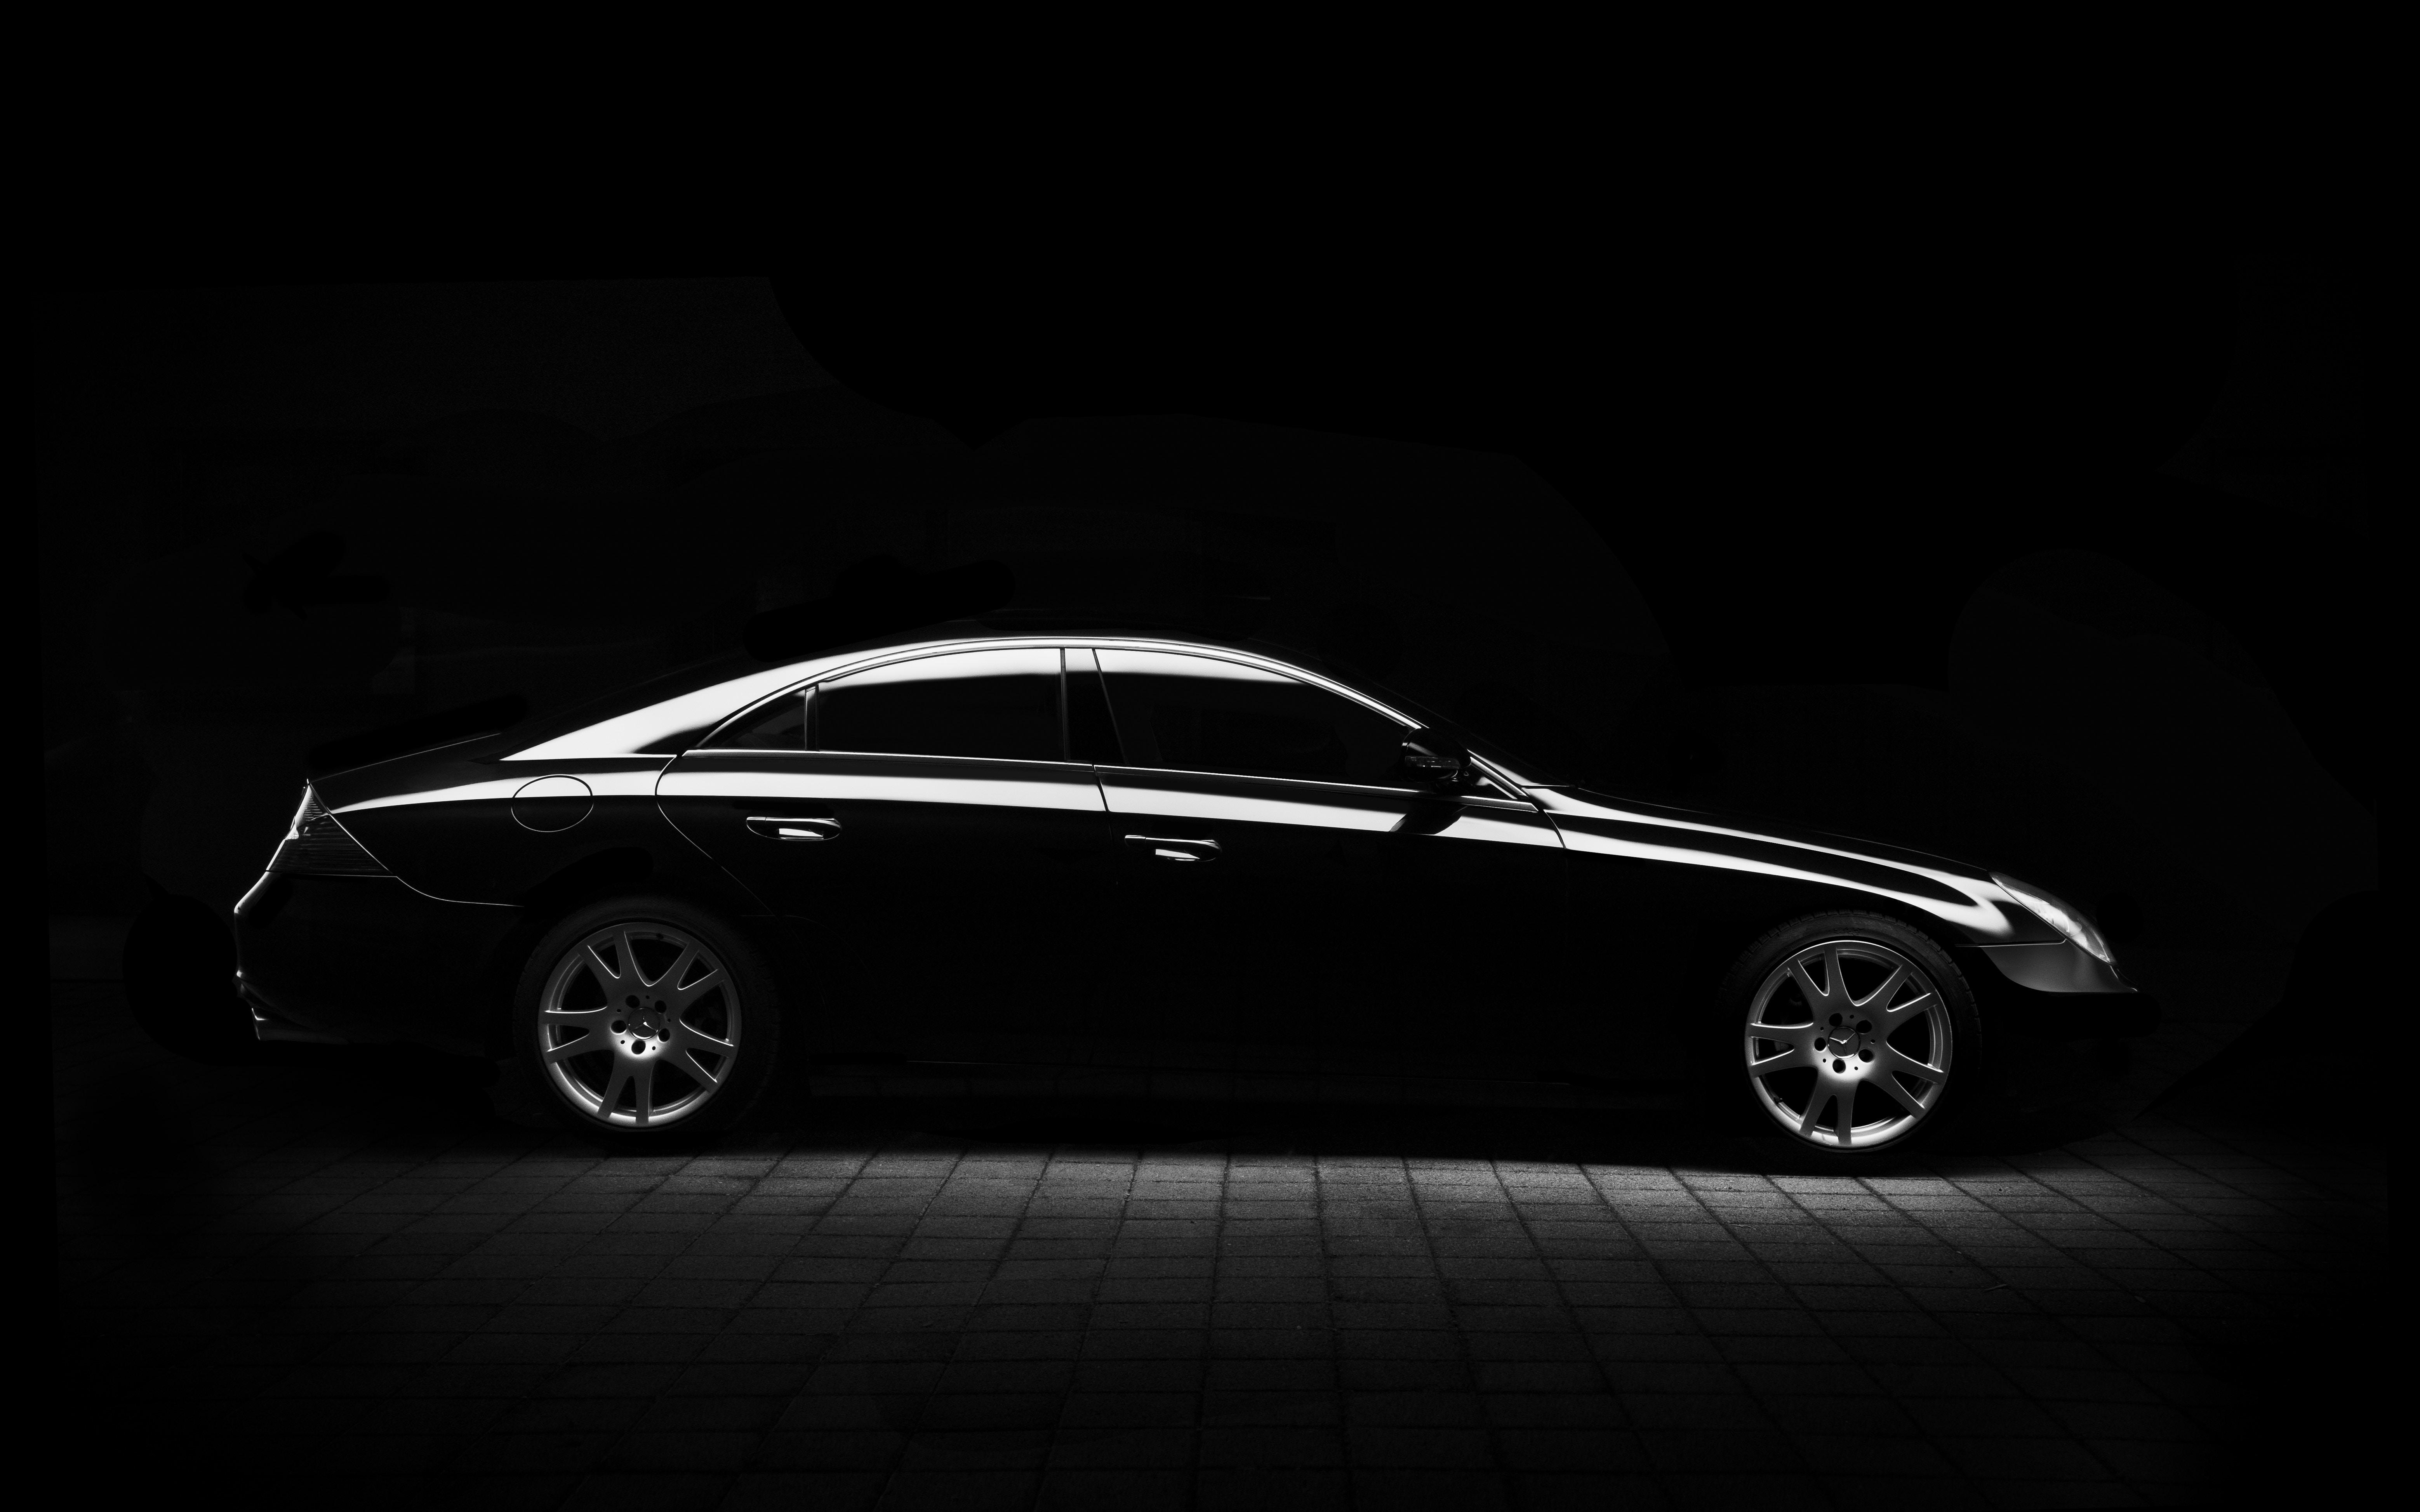 Bộ hình nền xe hơi đen